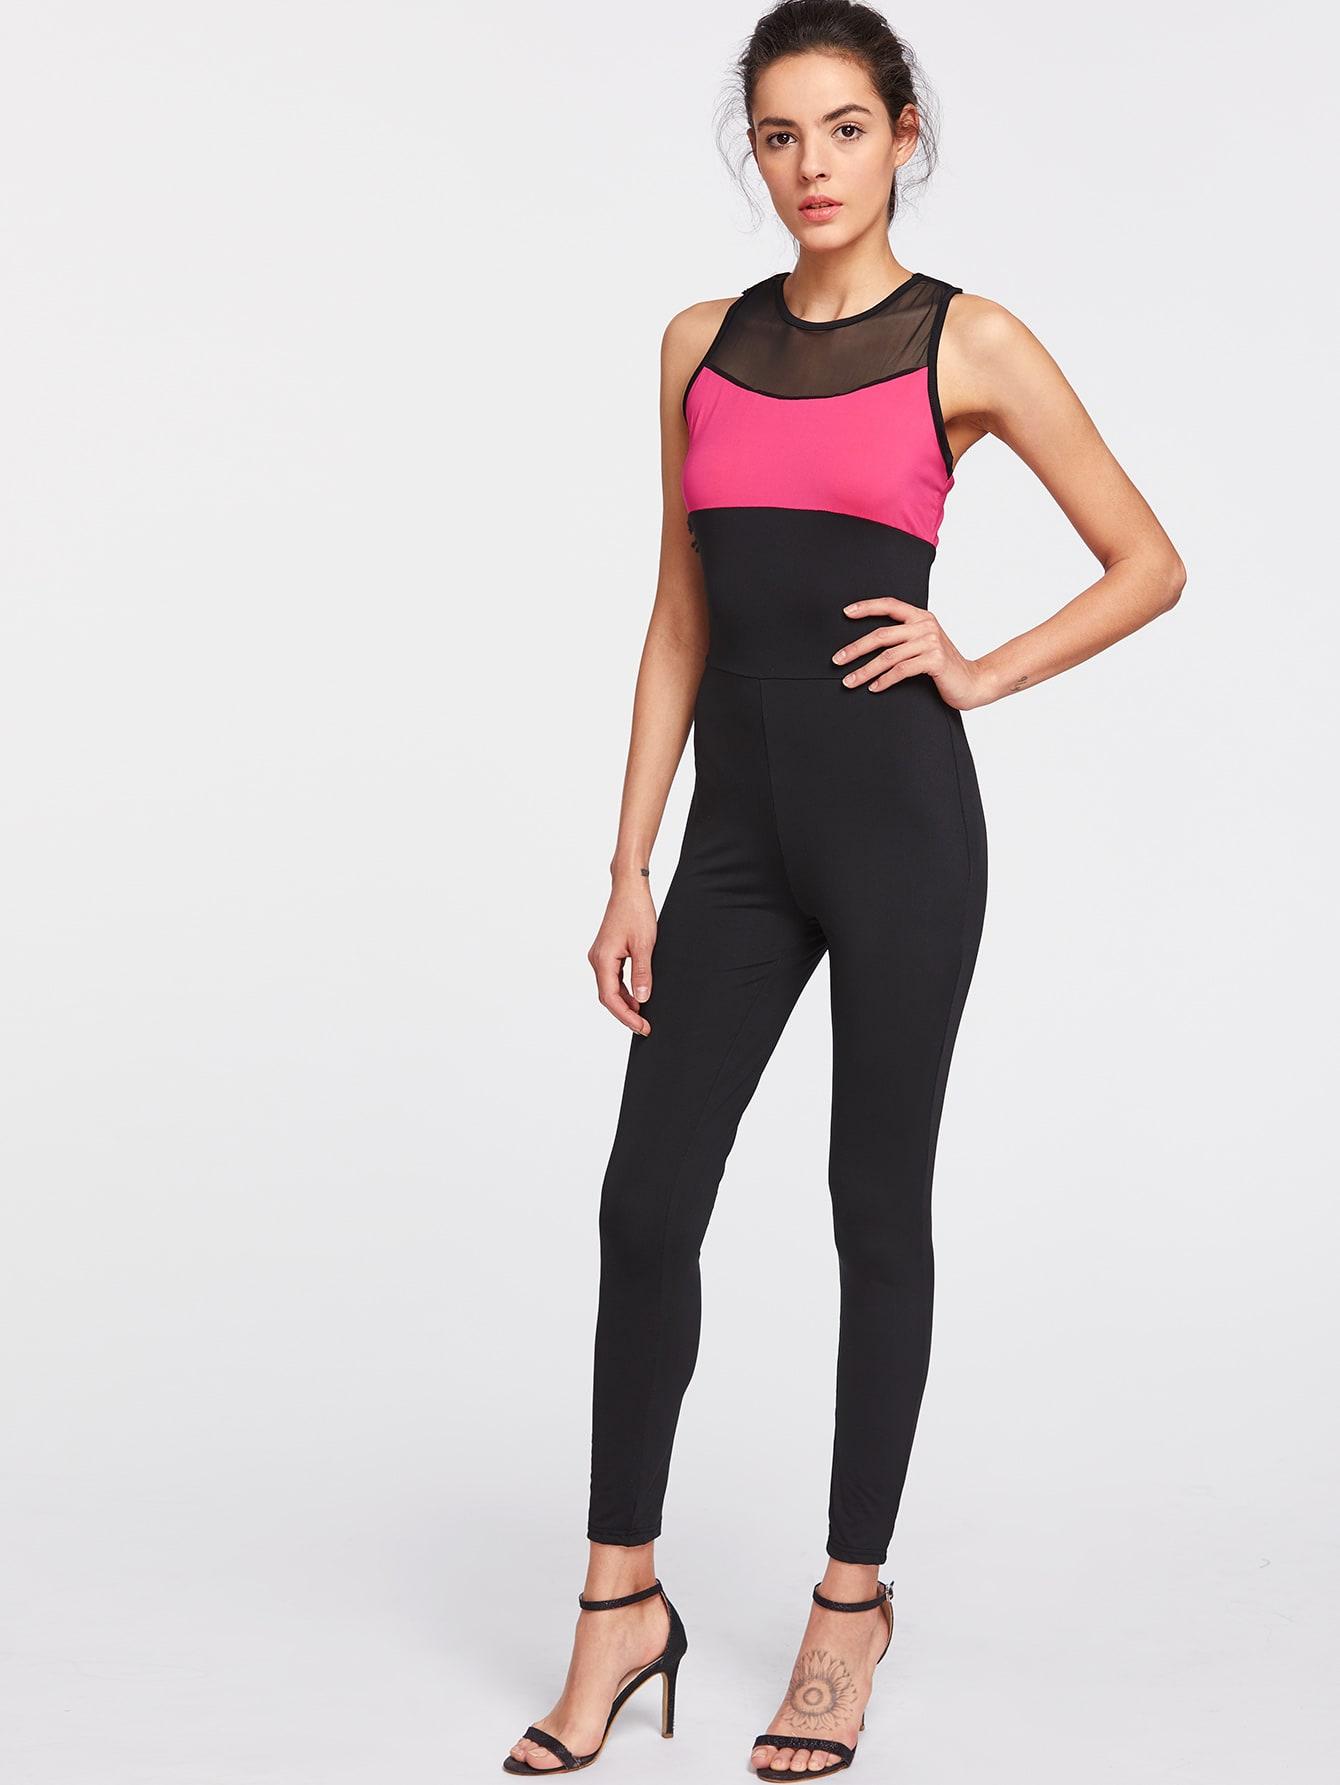 Color Block Contrast Mesh Crisscross Back Jumpsuit jumpsuit170412103